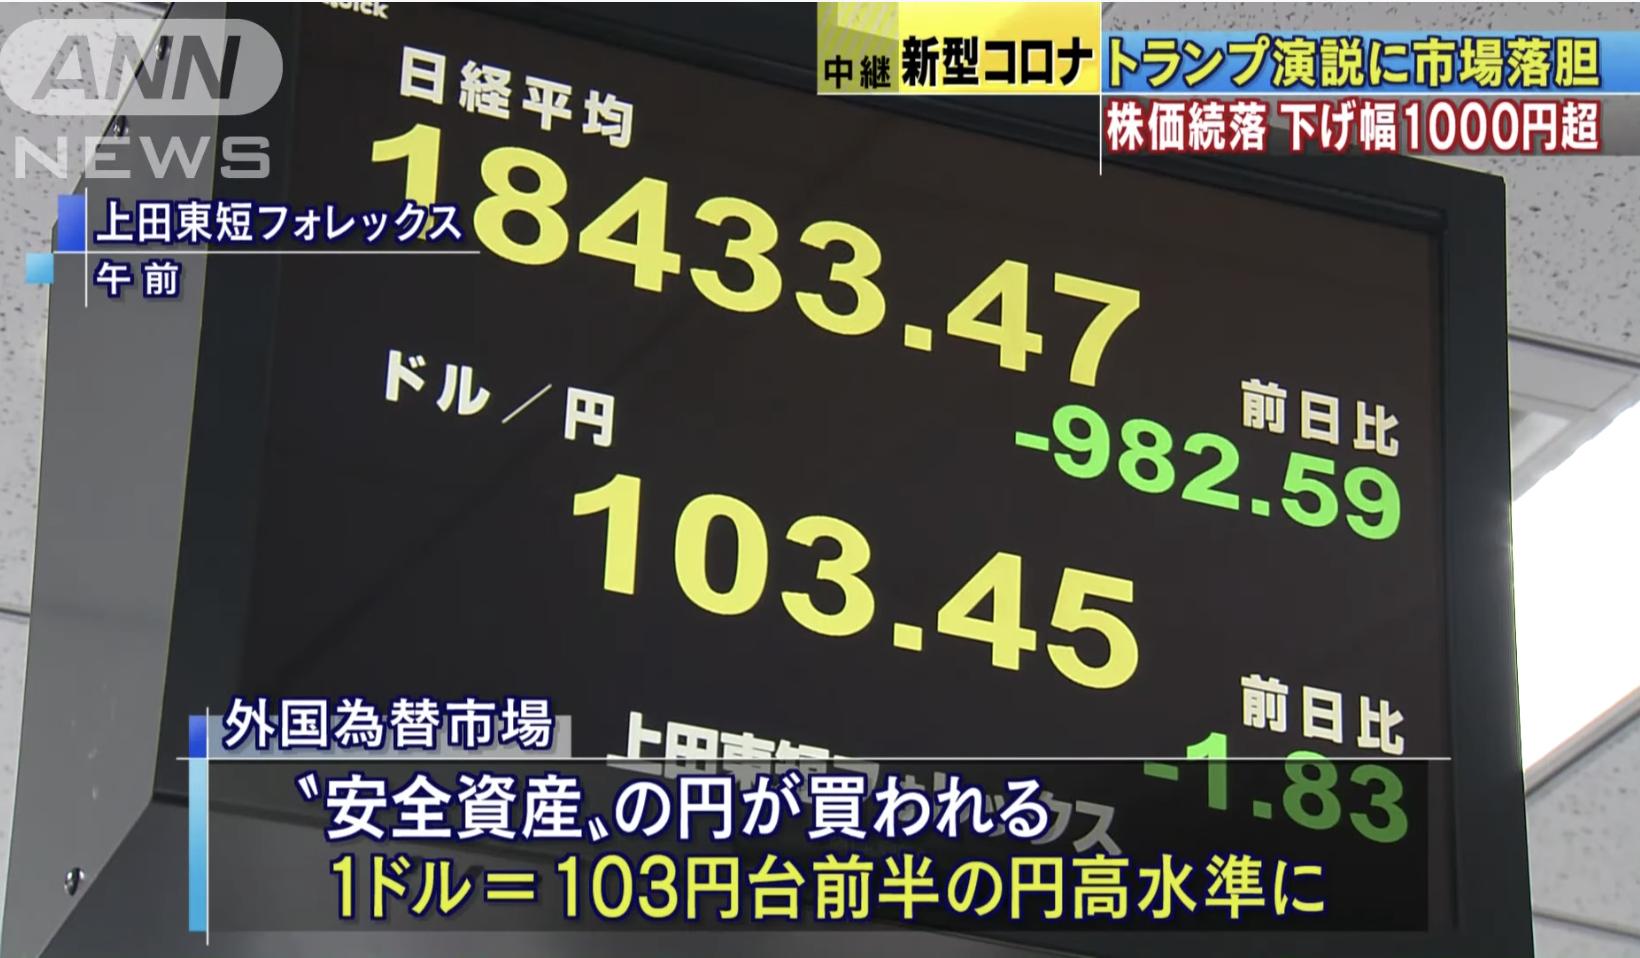 12日,日本東京股市受疫情影響,日經指數繼續大幅下挫。終盤失守19000點關口,以18559.63點收盤,較昨日下挫856.43點。(視頻截圖)